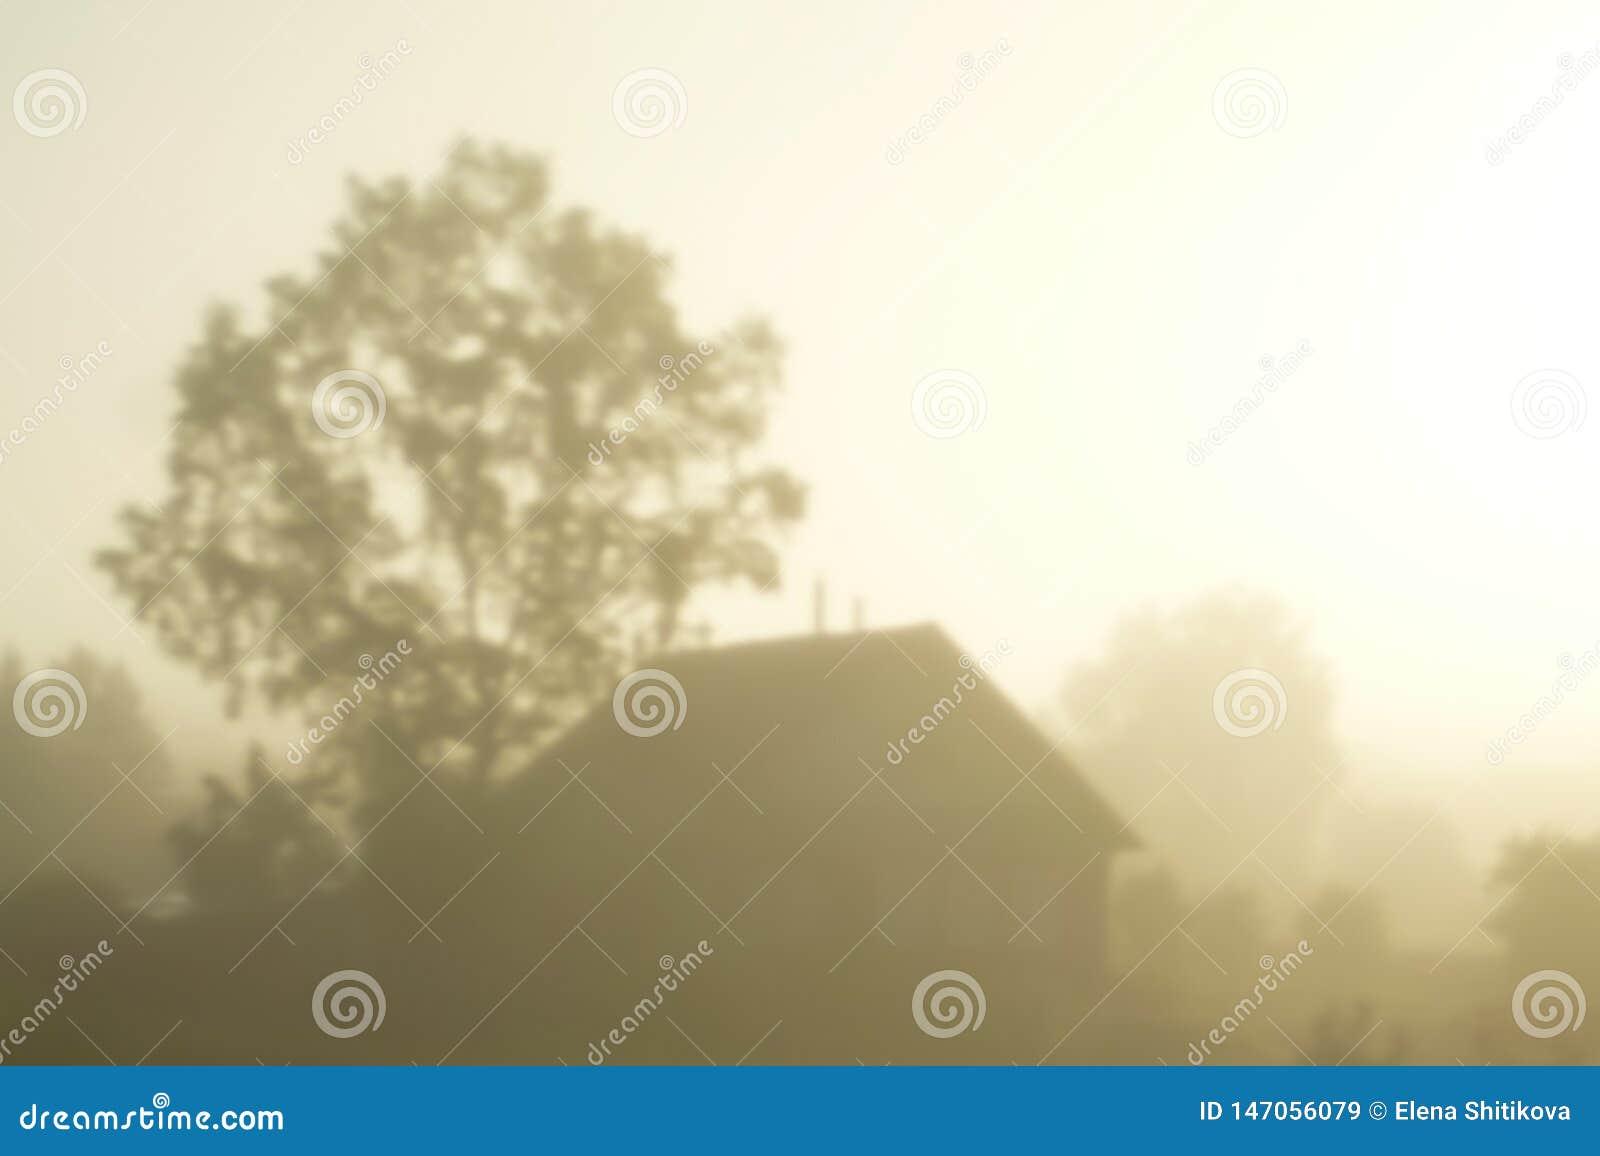 Silhouet van een dorpshuis in de mist